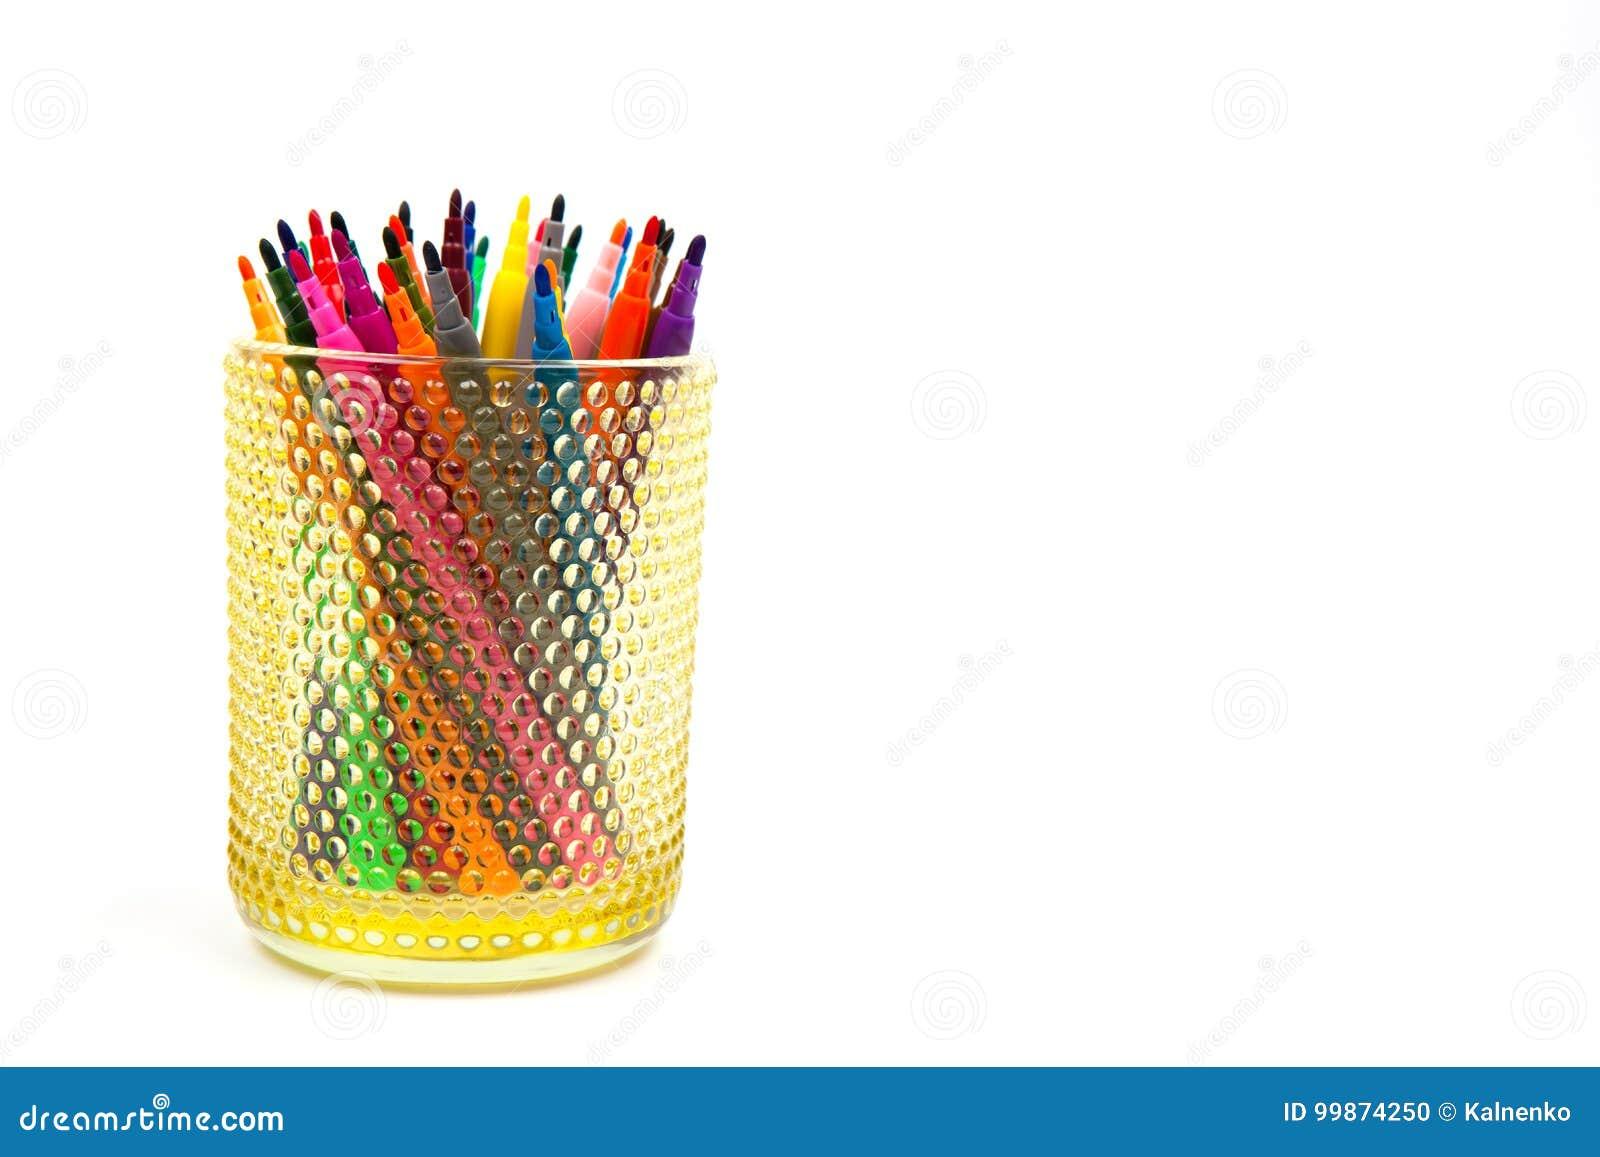 Groupe De Crayons Feutre De Couleur Dans Un Verre Fond Blanc Photo